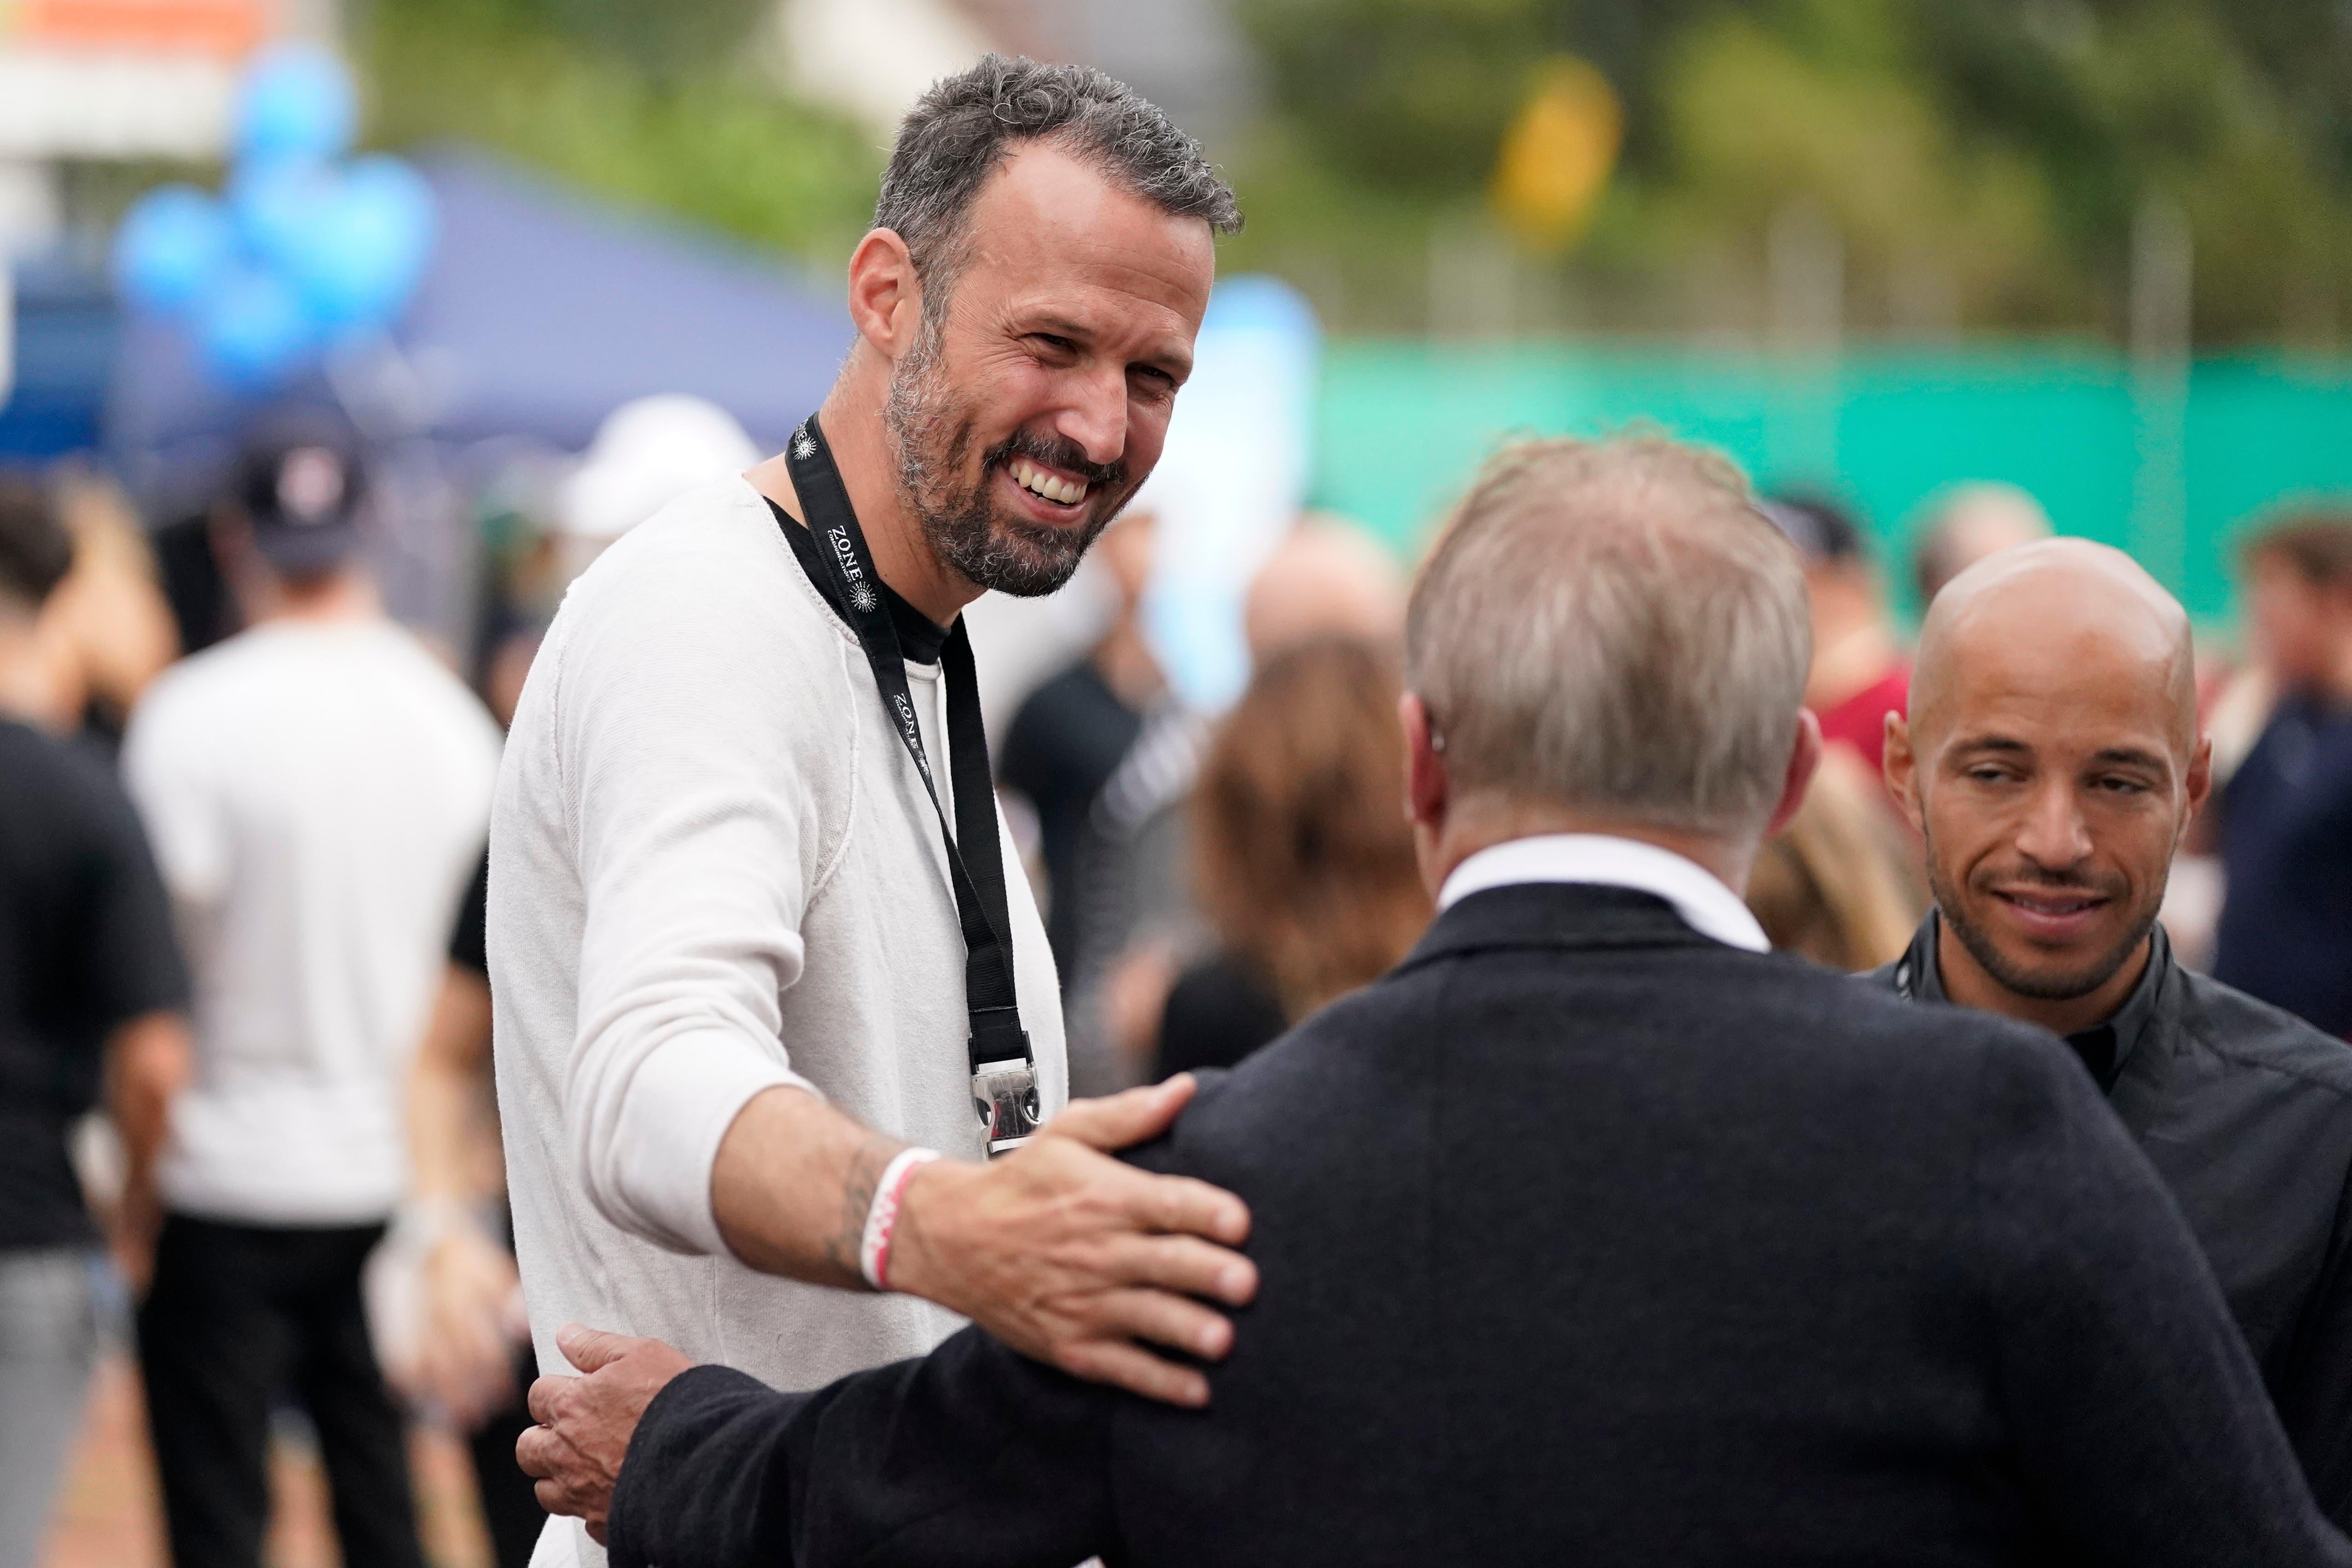 Ehemaliger Nationalspieler und Business Developer FC Basel Marco Streller am Play for Charity Fussballspiel zugunsten von Hilfsorganisationen für Frauen auf dem Areal des Stadion Altenburg am 22. August 2021 in Wettingen.